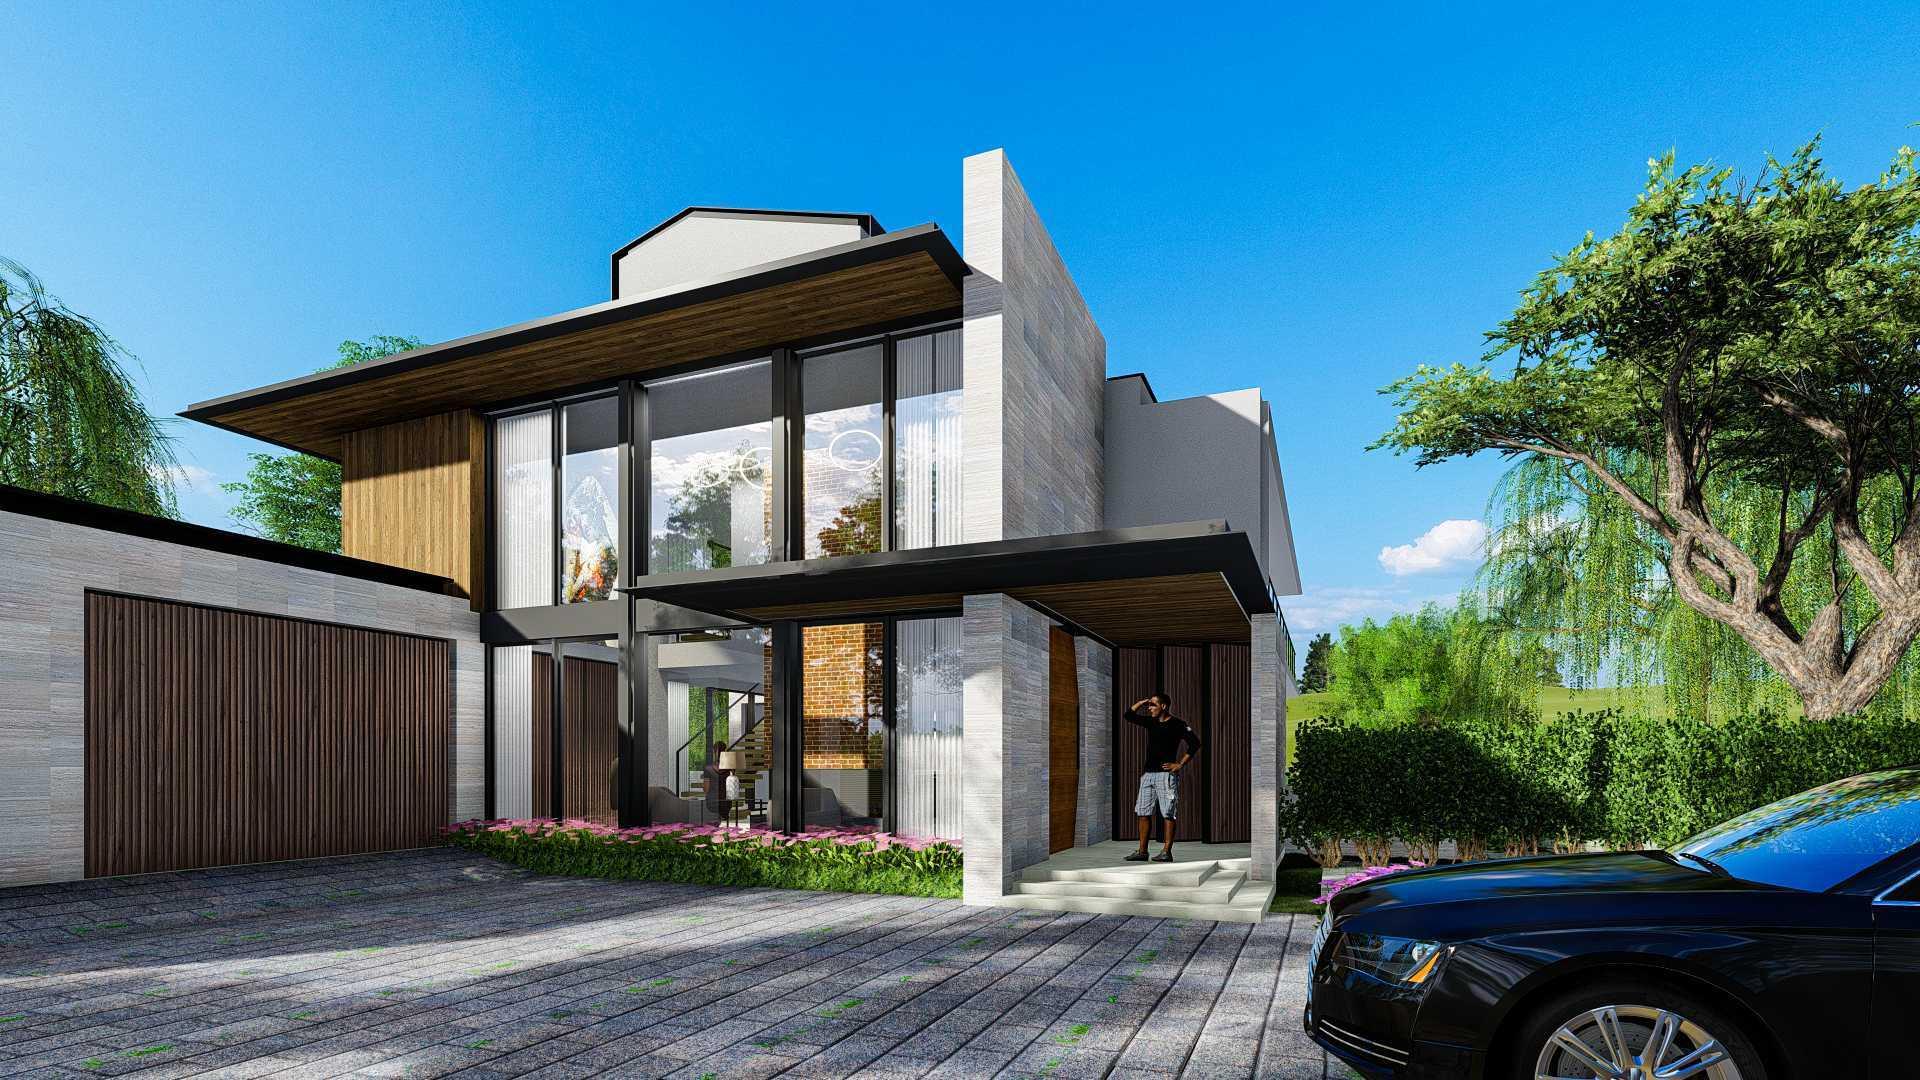 Bral Architect Alpen House In Germany 46519 Alpen, Jerman 46519 Alpen, Jerman Bral-Architect-Alpen-House-In-Germany   99879